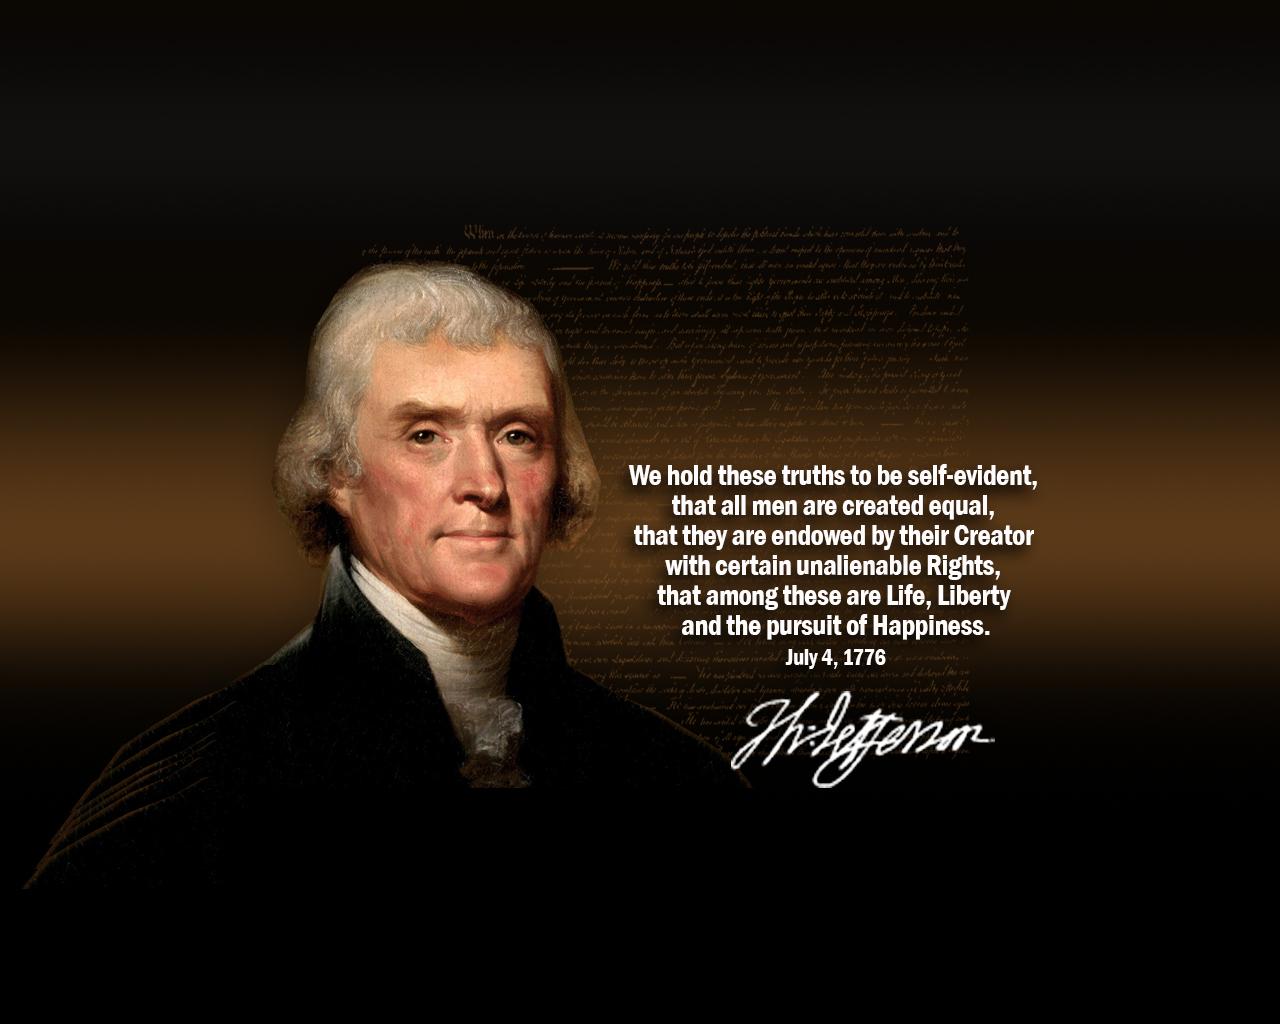 Thomas Jefferson Declaration Quotes Quotesgram